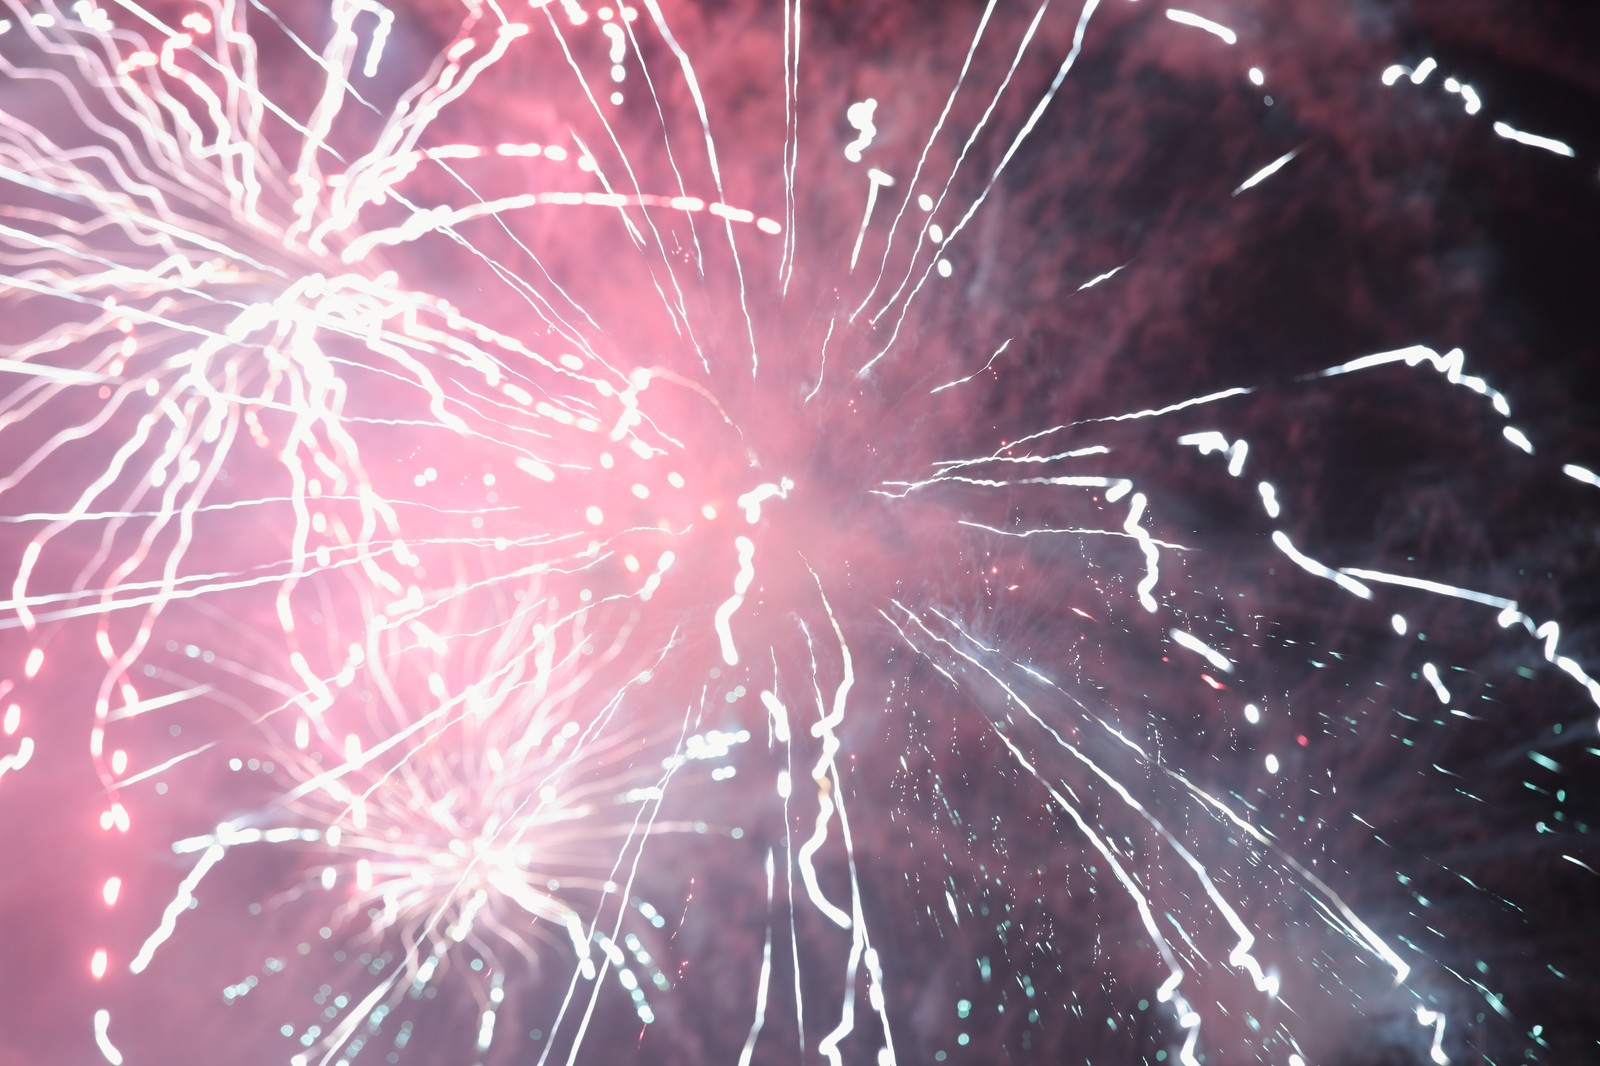 「花火・夏の終わり | 写真の無料素材・フリー素材 - ぱくたそ」の写真